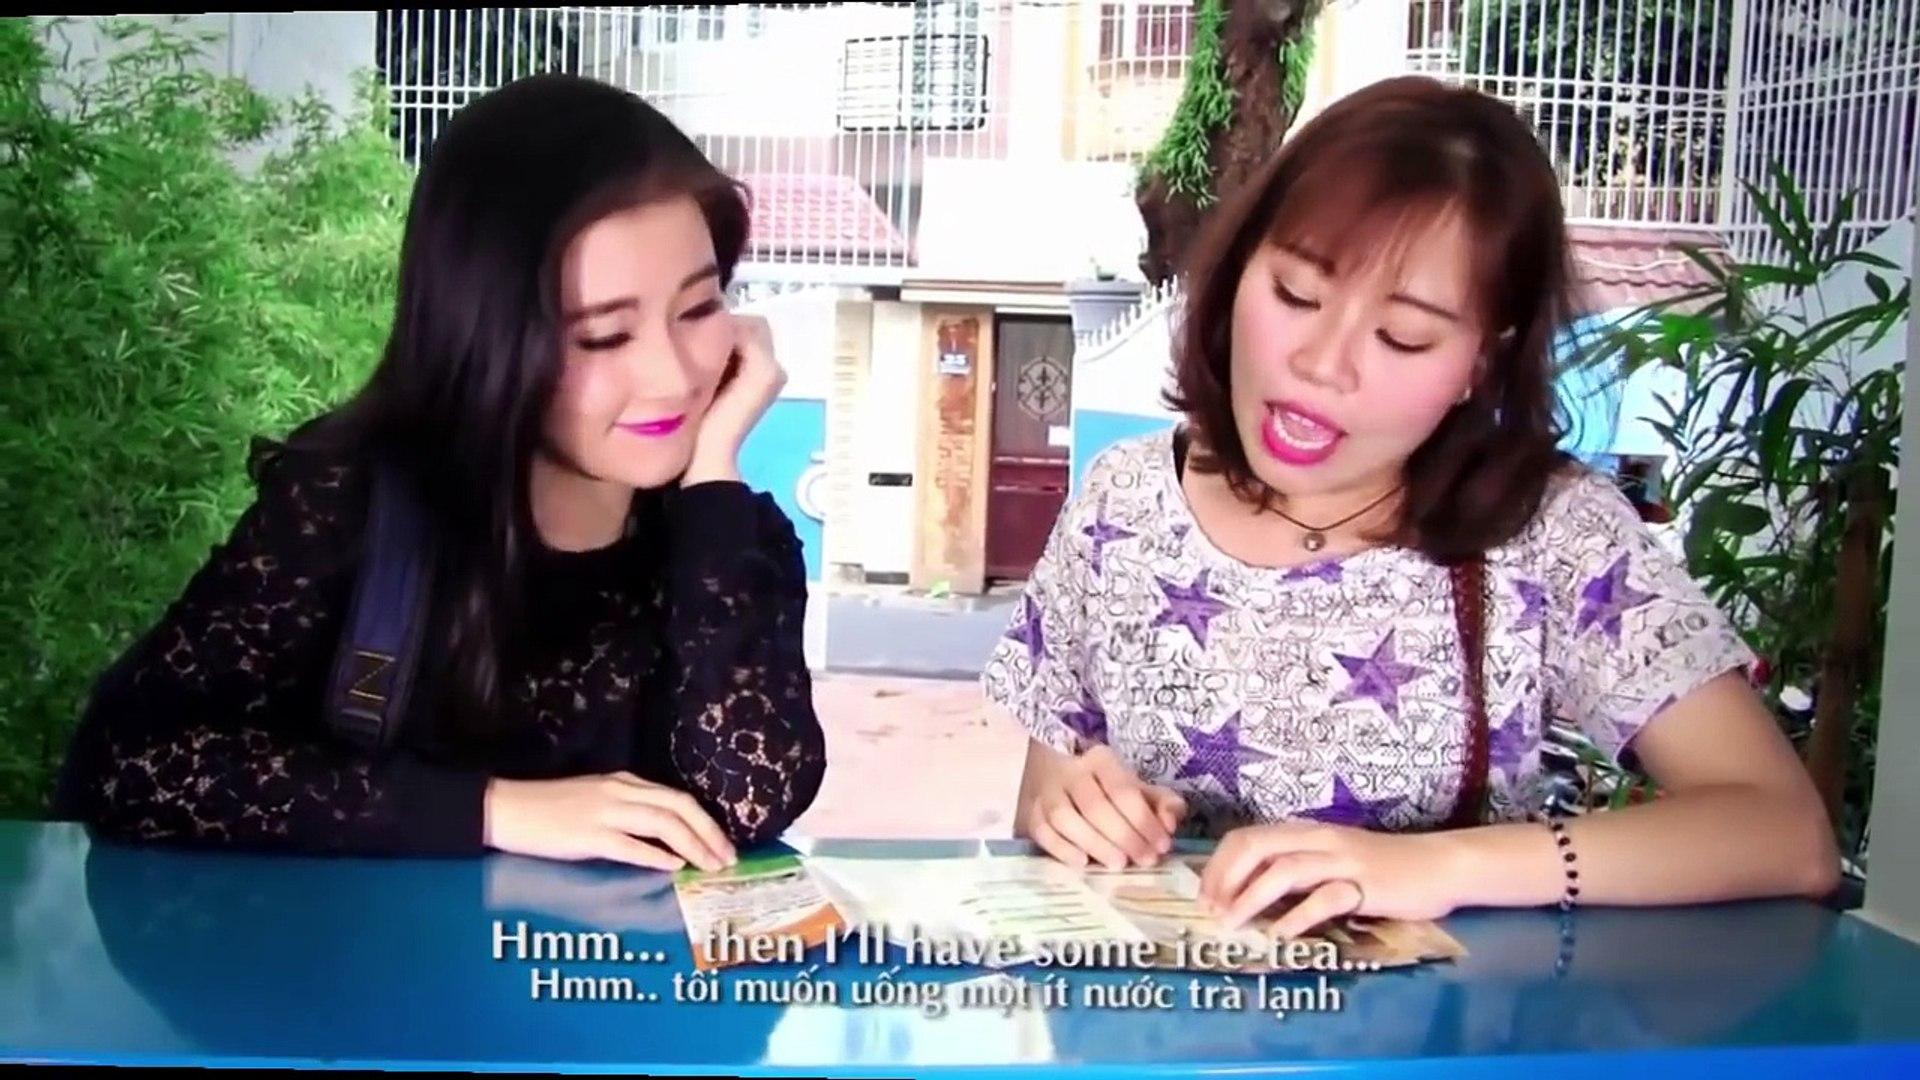 Học Anh Văn - Tự Học Tiếng Anh Giao Tiếp [ tập 2]